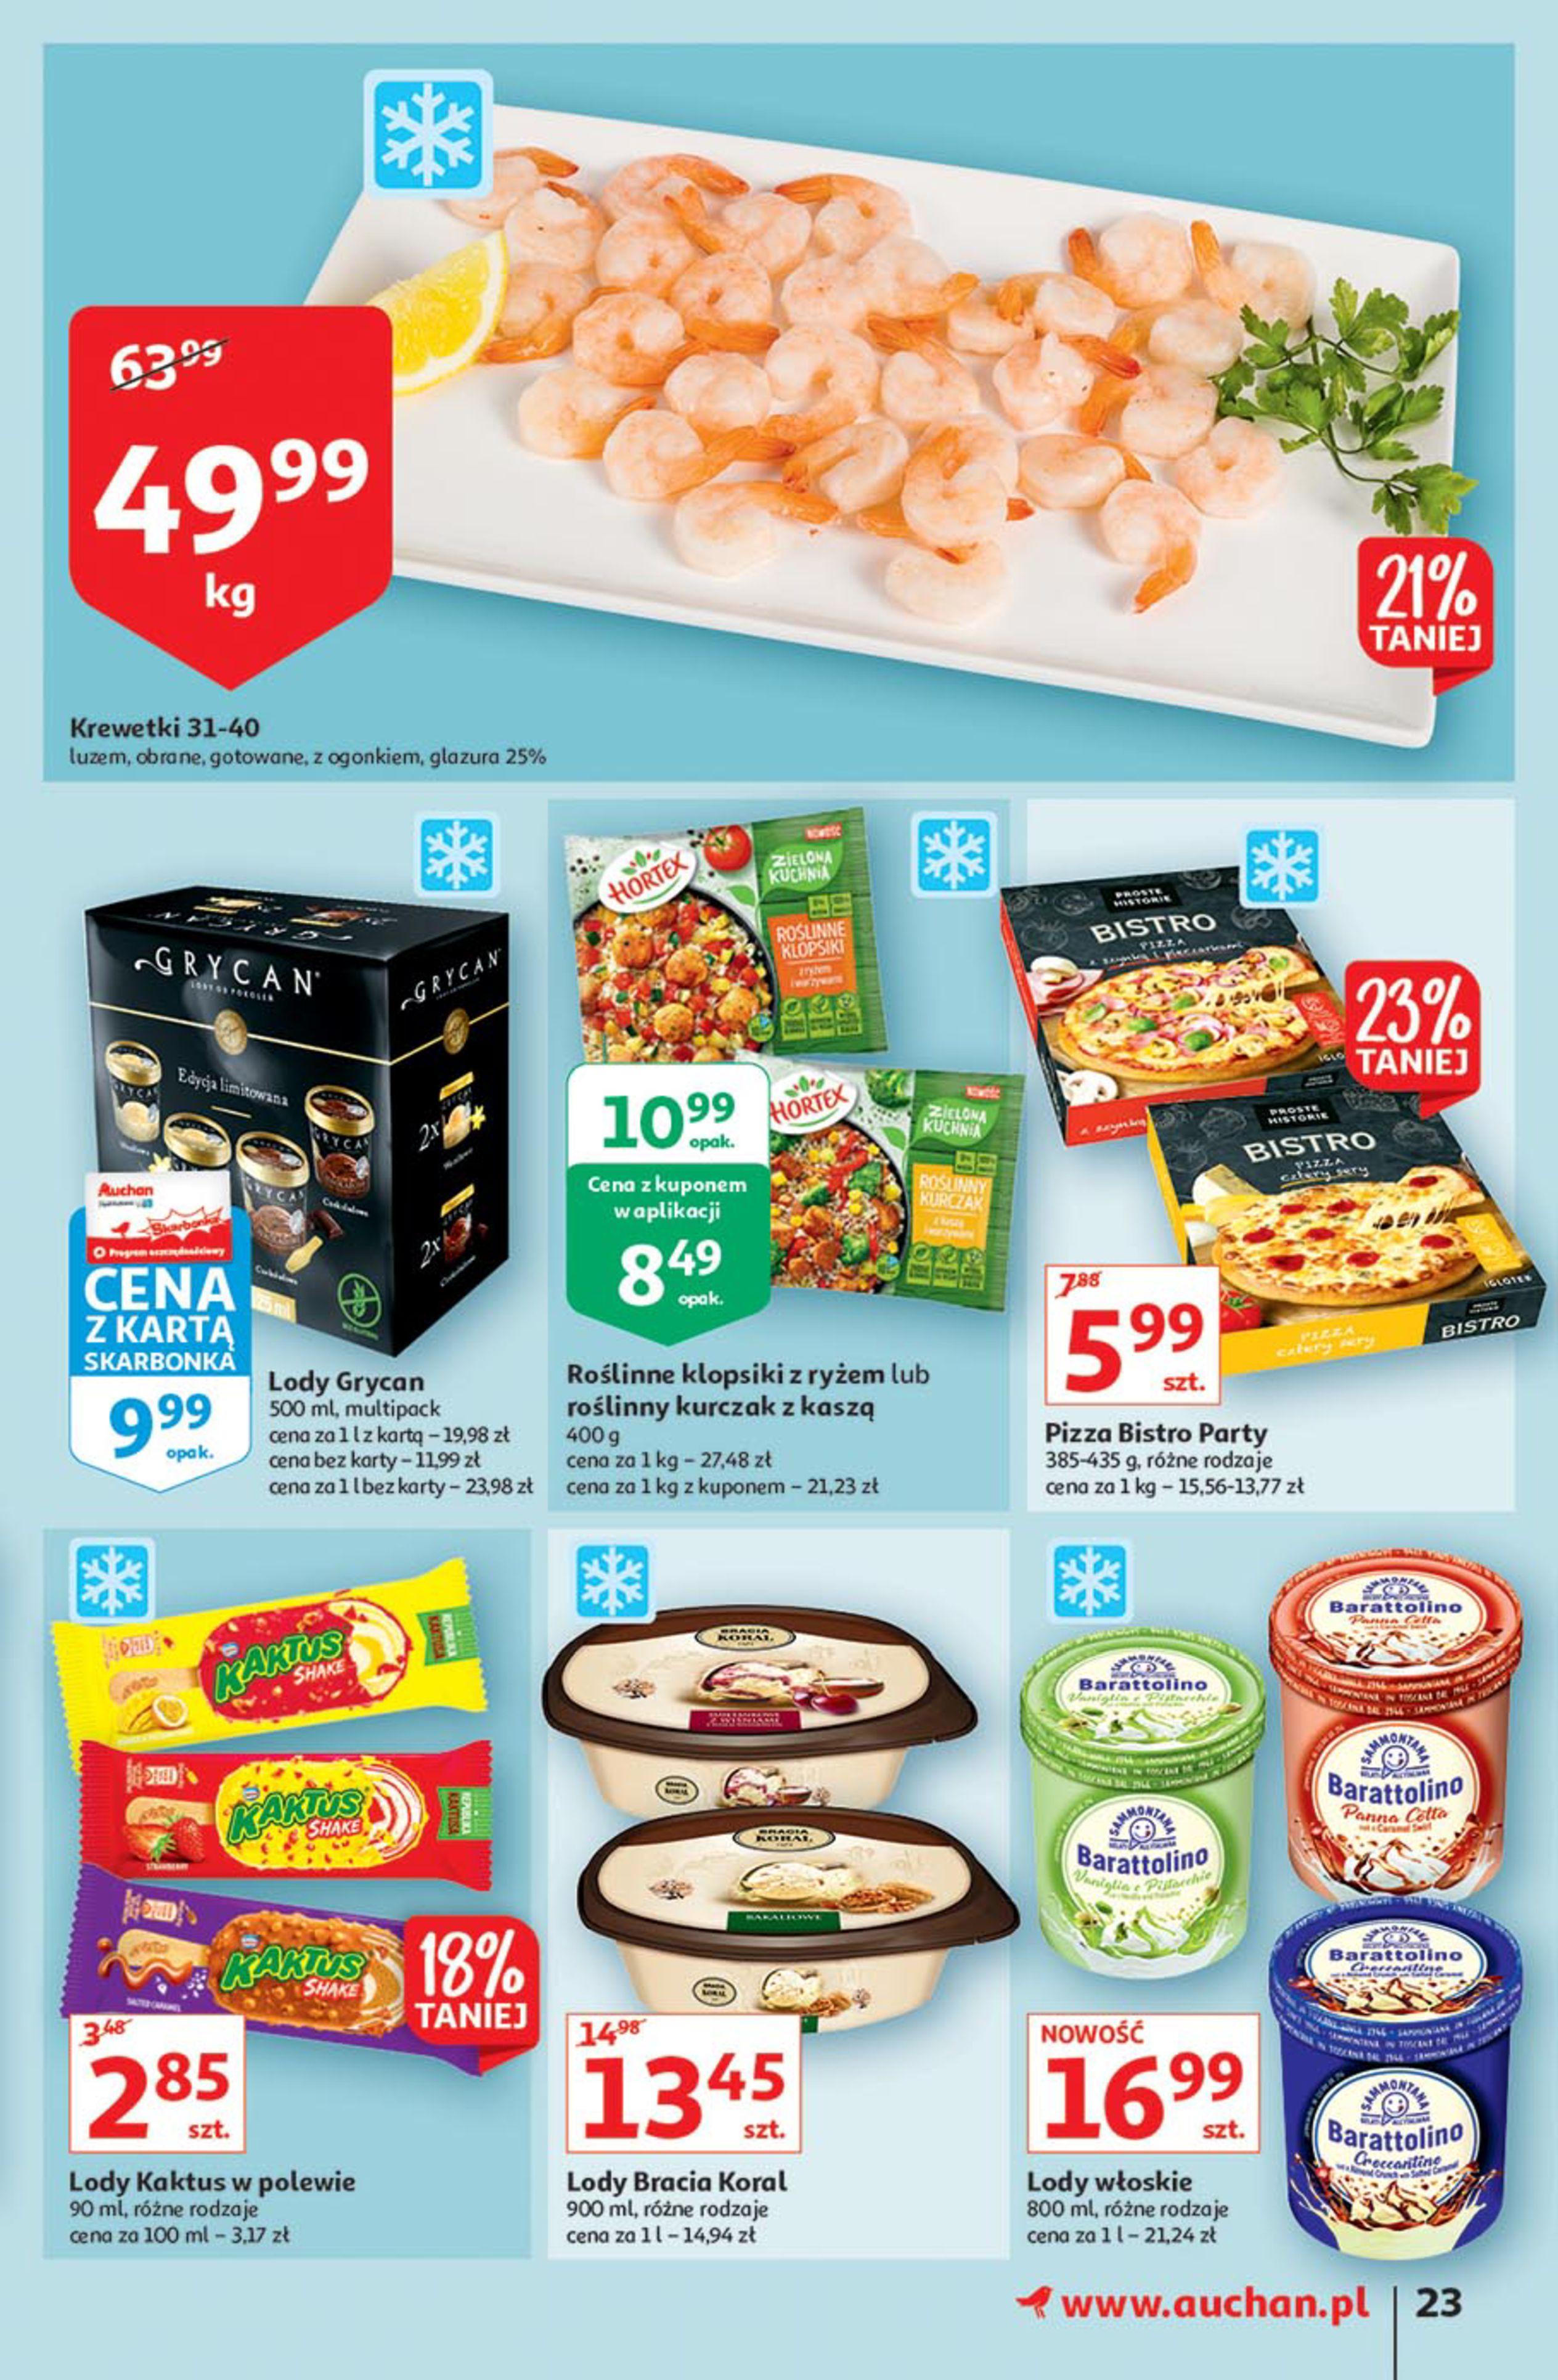 Gazetka Auchan: Gazetka Auchan - Euro 2020 2021-06-10 page-23